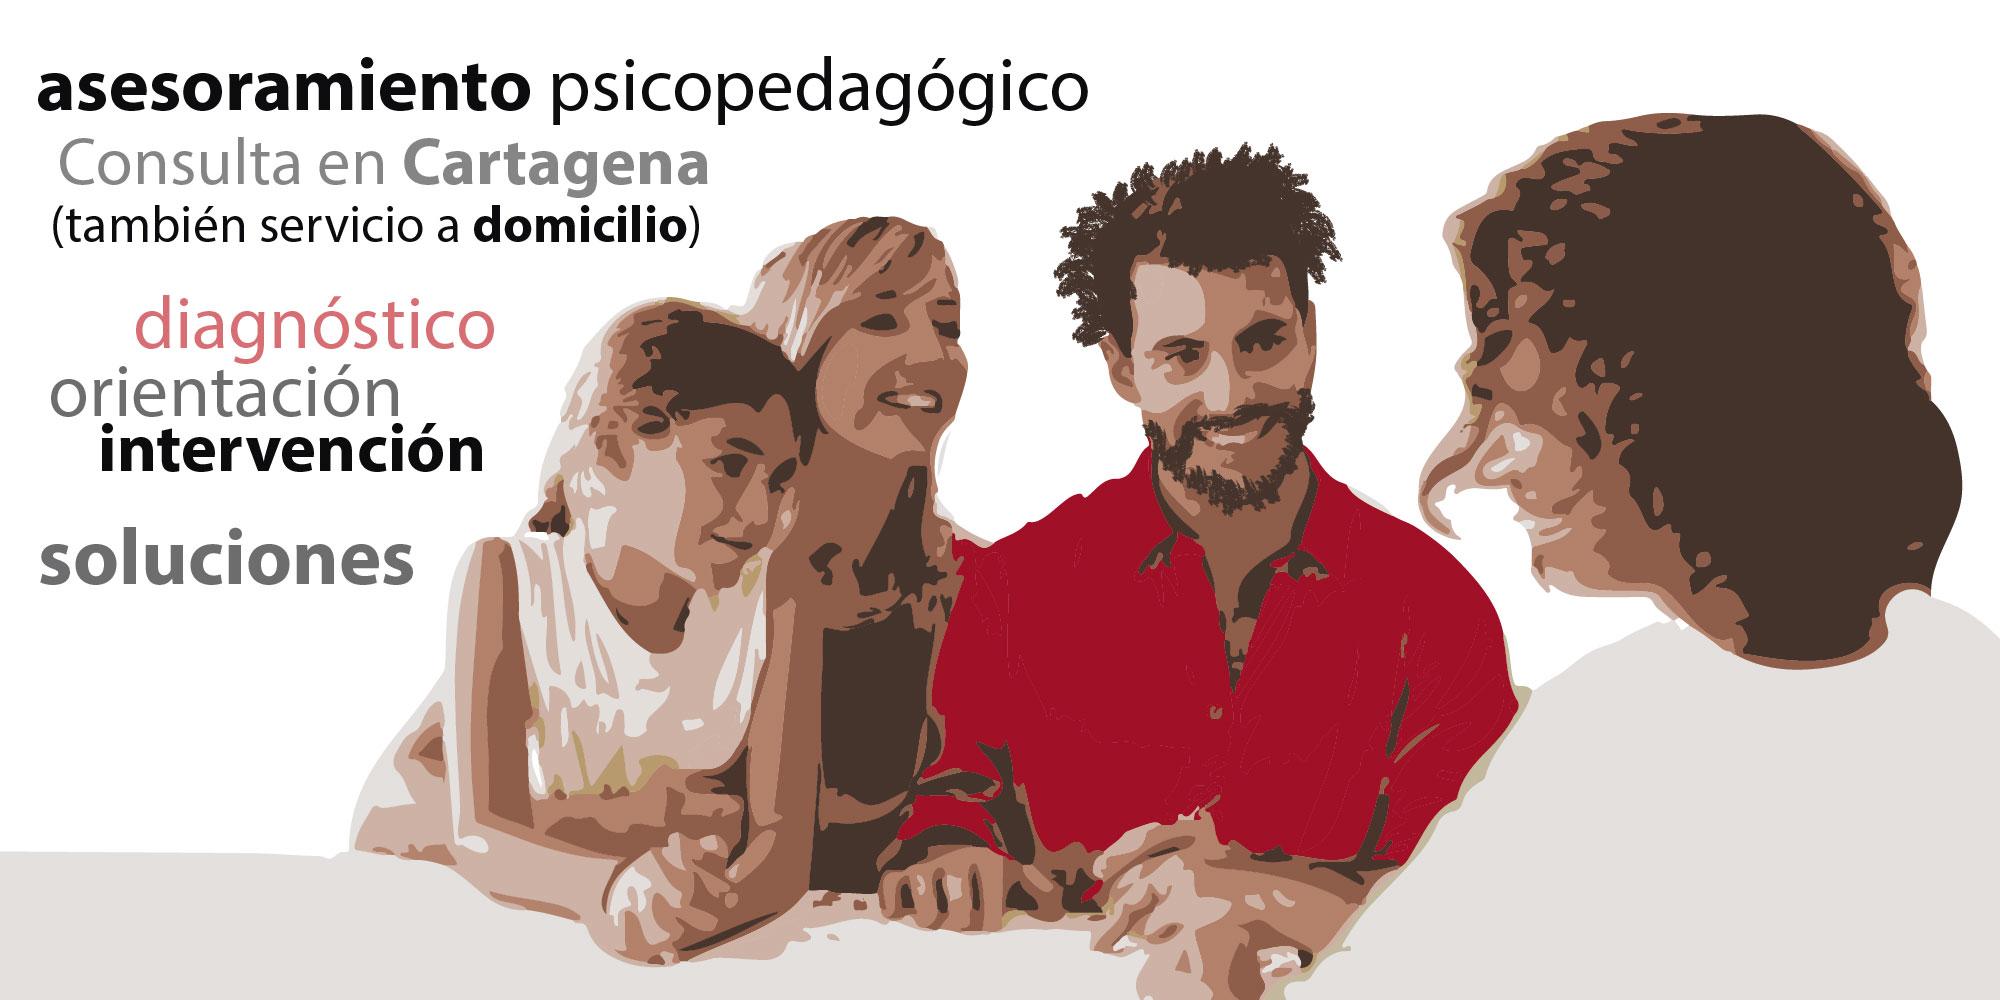 Asesoramiento Psicopedagógico Cartagena